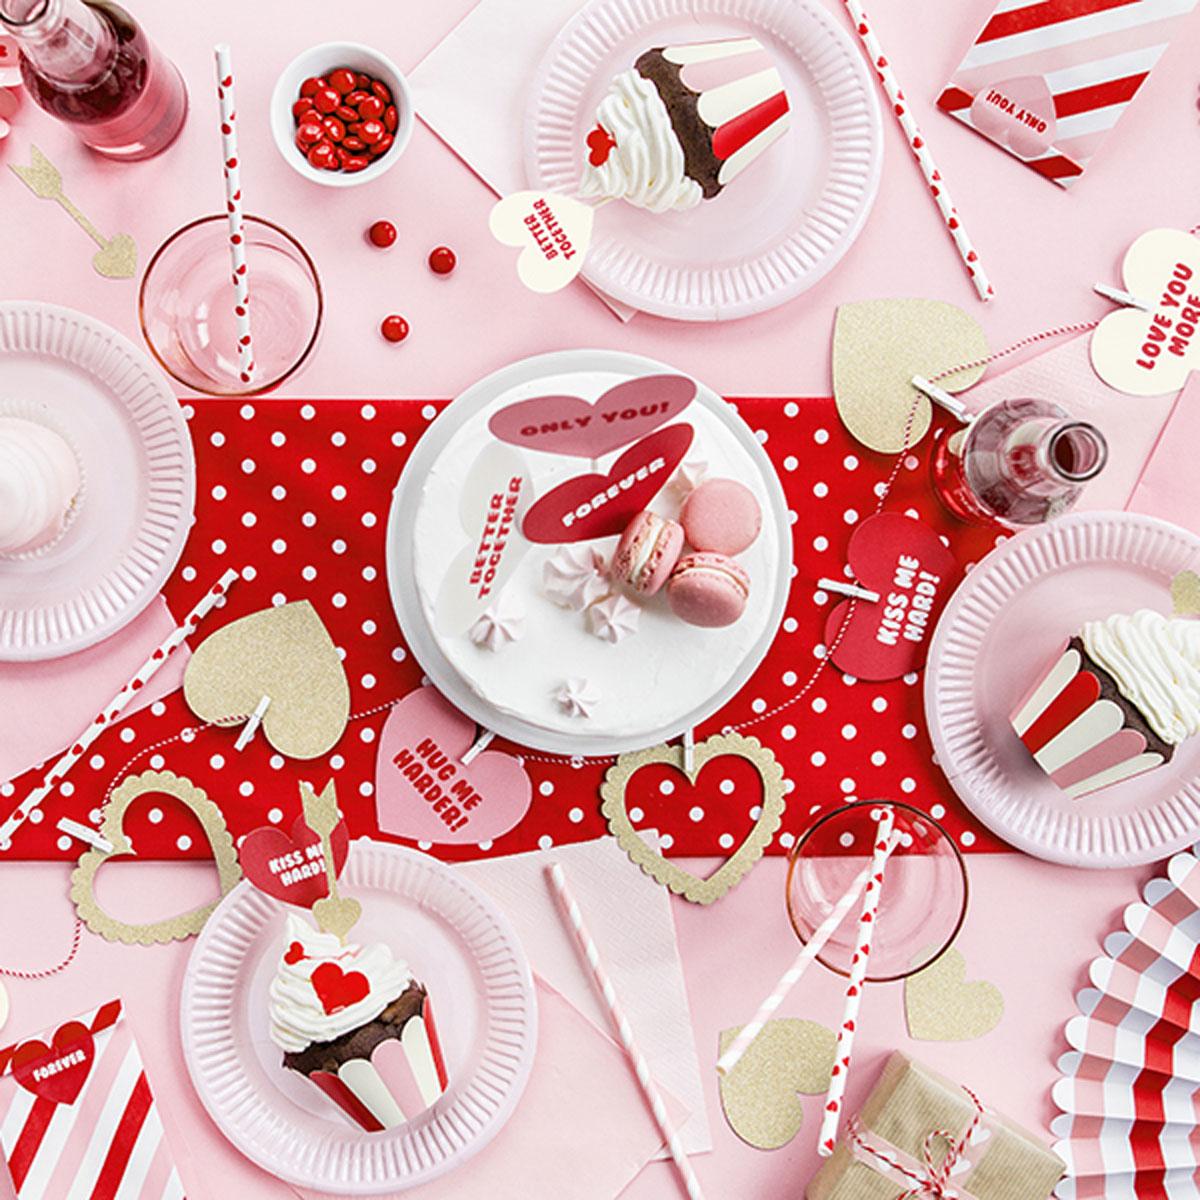 Tischdeko rot weiß